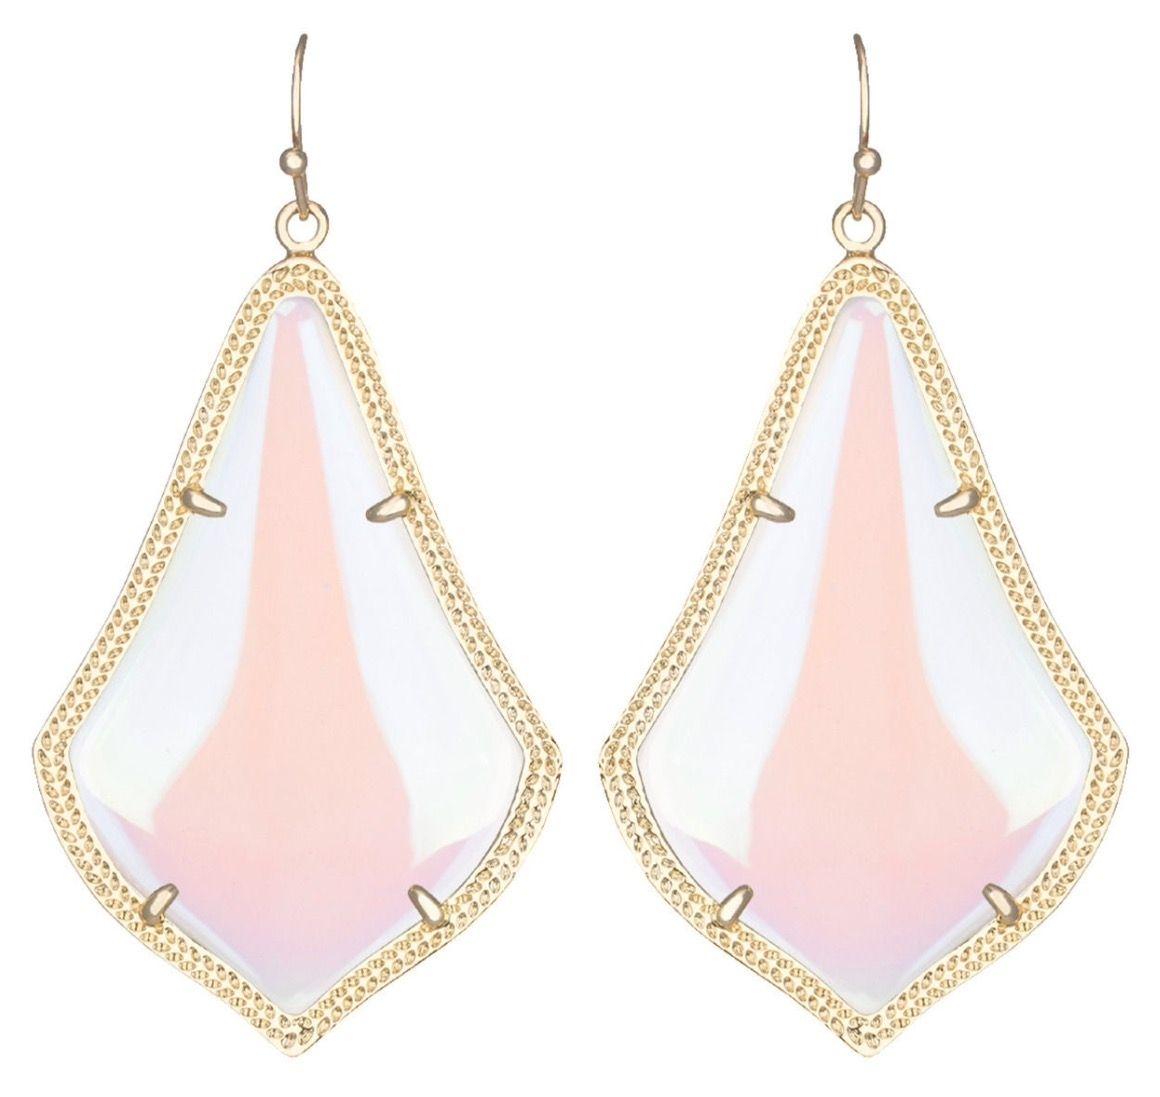 23+ Kendra scott jewelry 70 off ideas